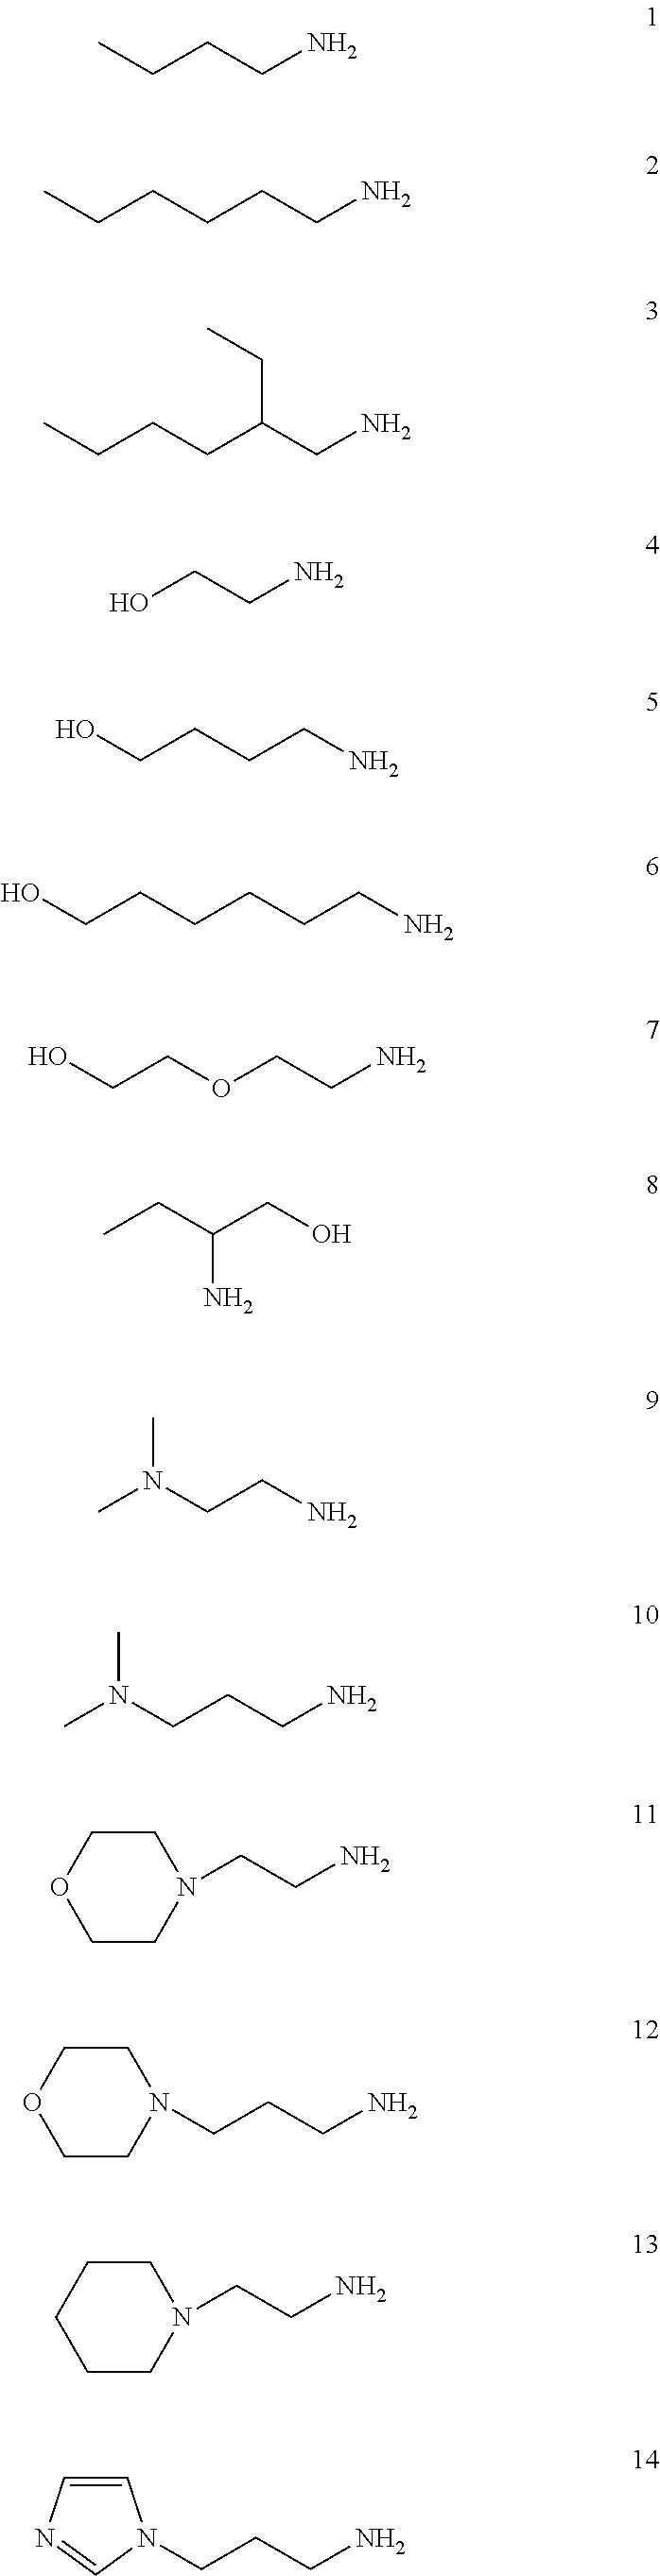 Figure US09700627-20170711-C00009